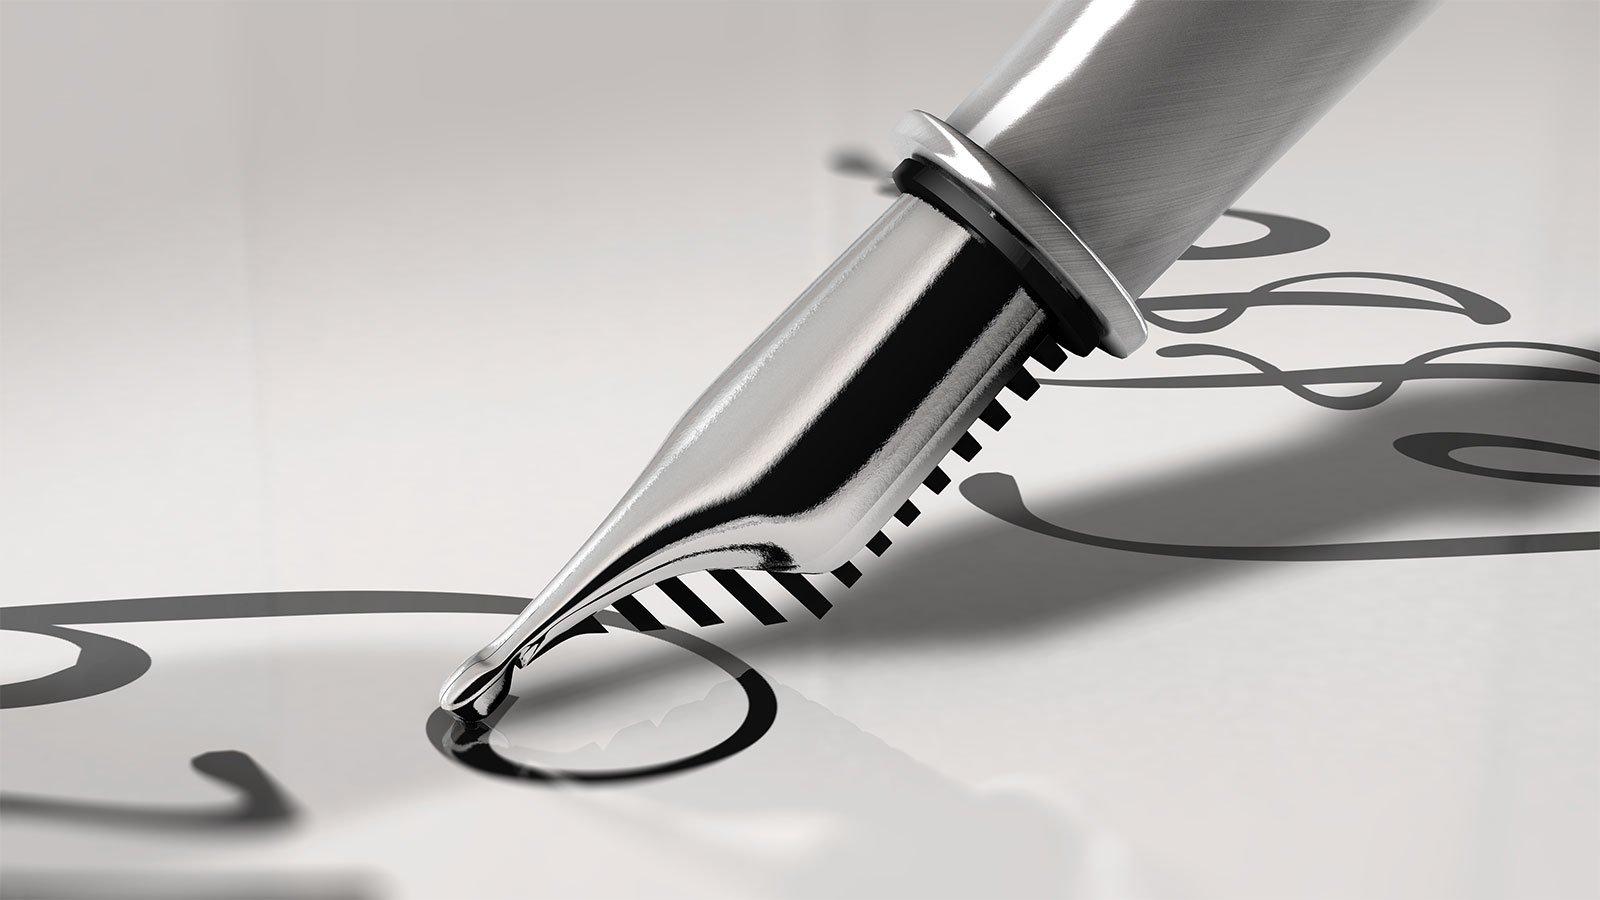 una penna stilografica che scrive su un foglio